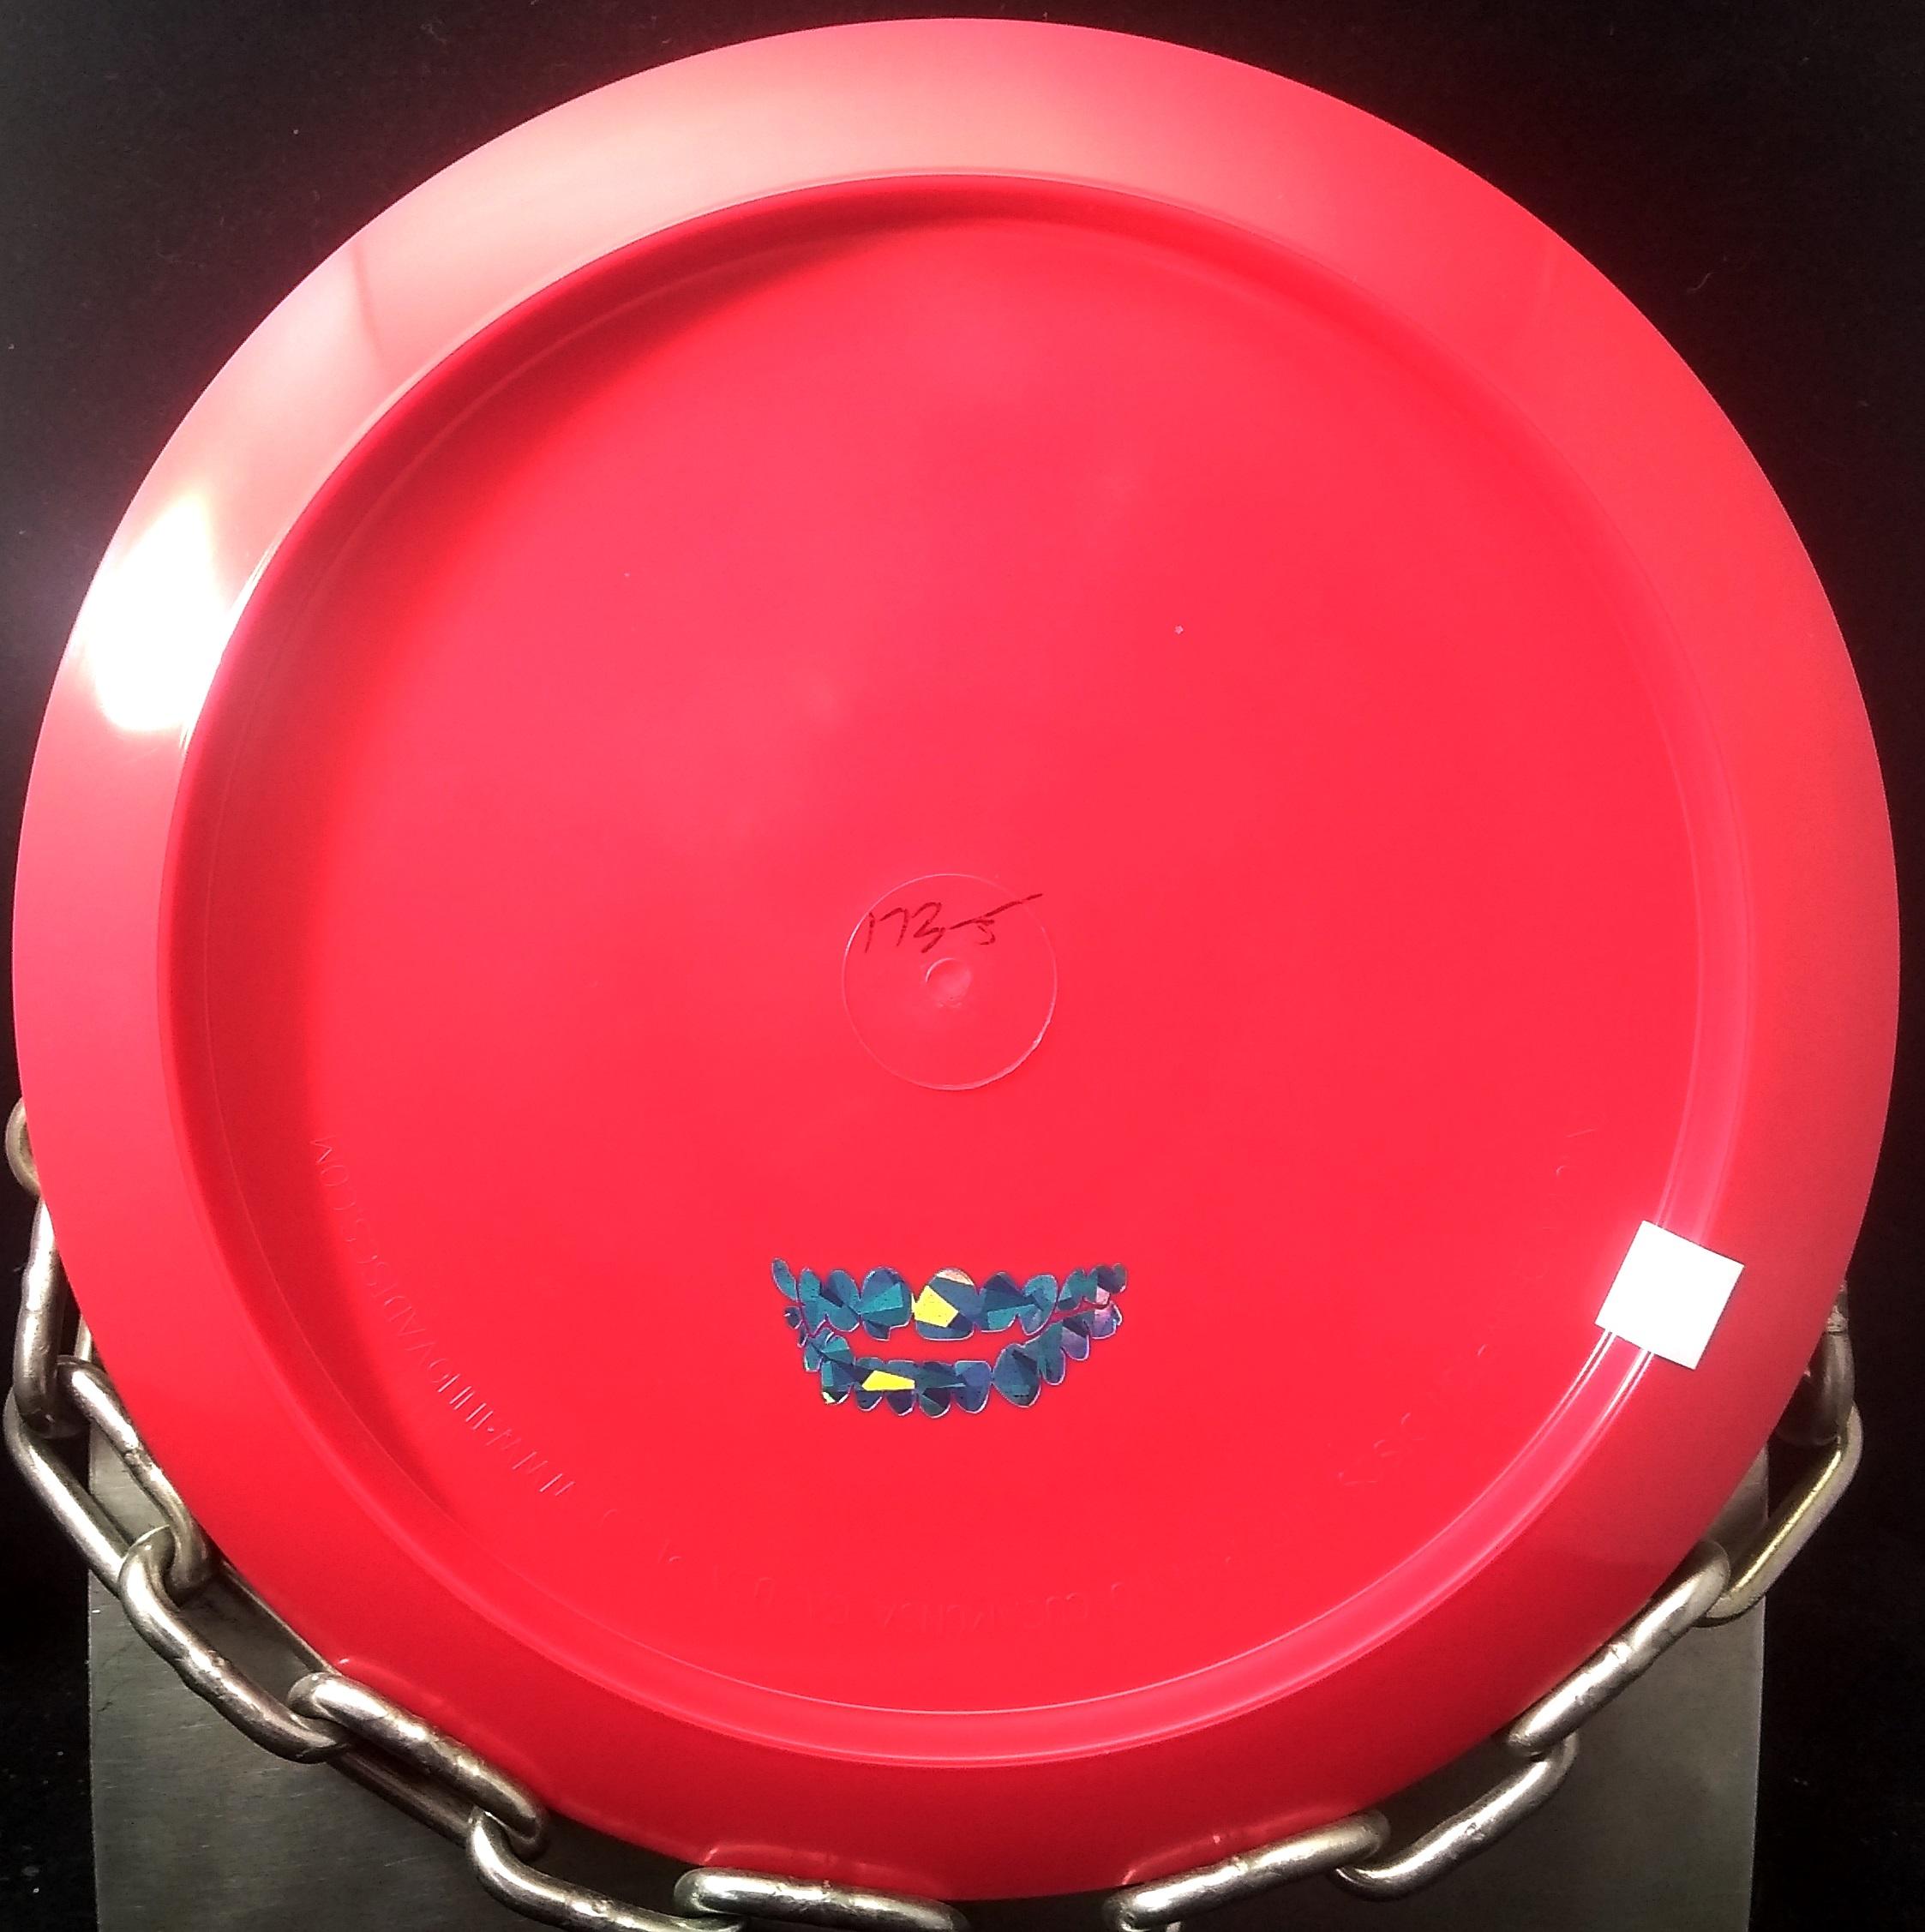 Innova Gregg Barsby Star ROAD RUNNER Golf Disc with bottom stamp